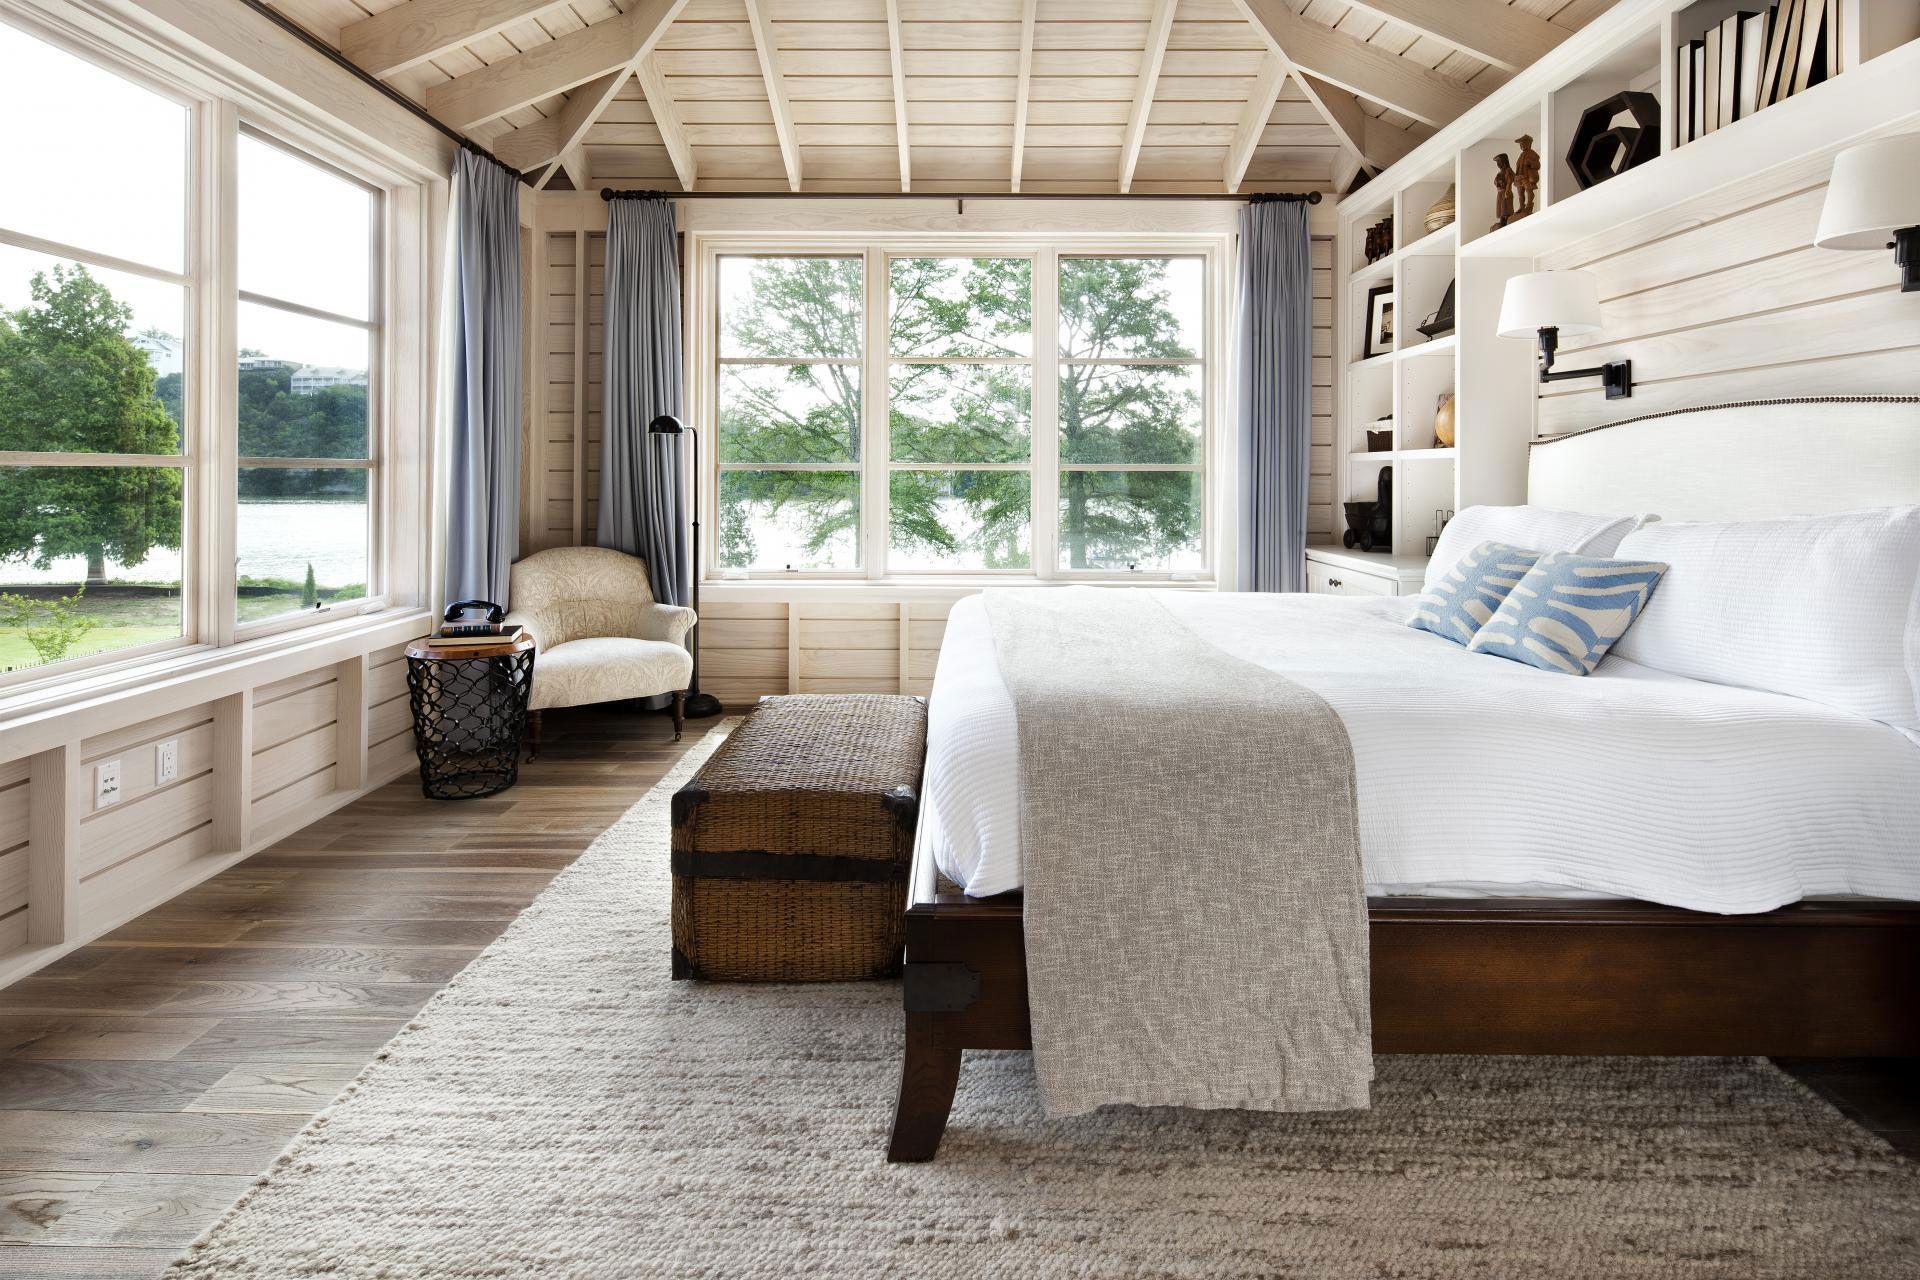 Кровать изголовьем к окну в деревенском стиле